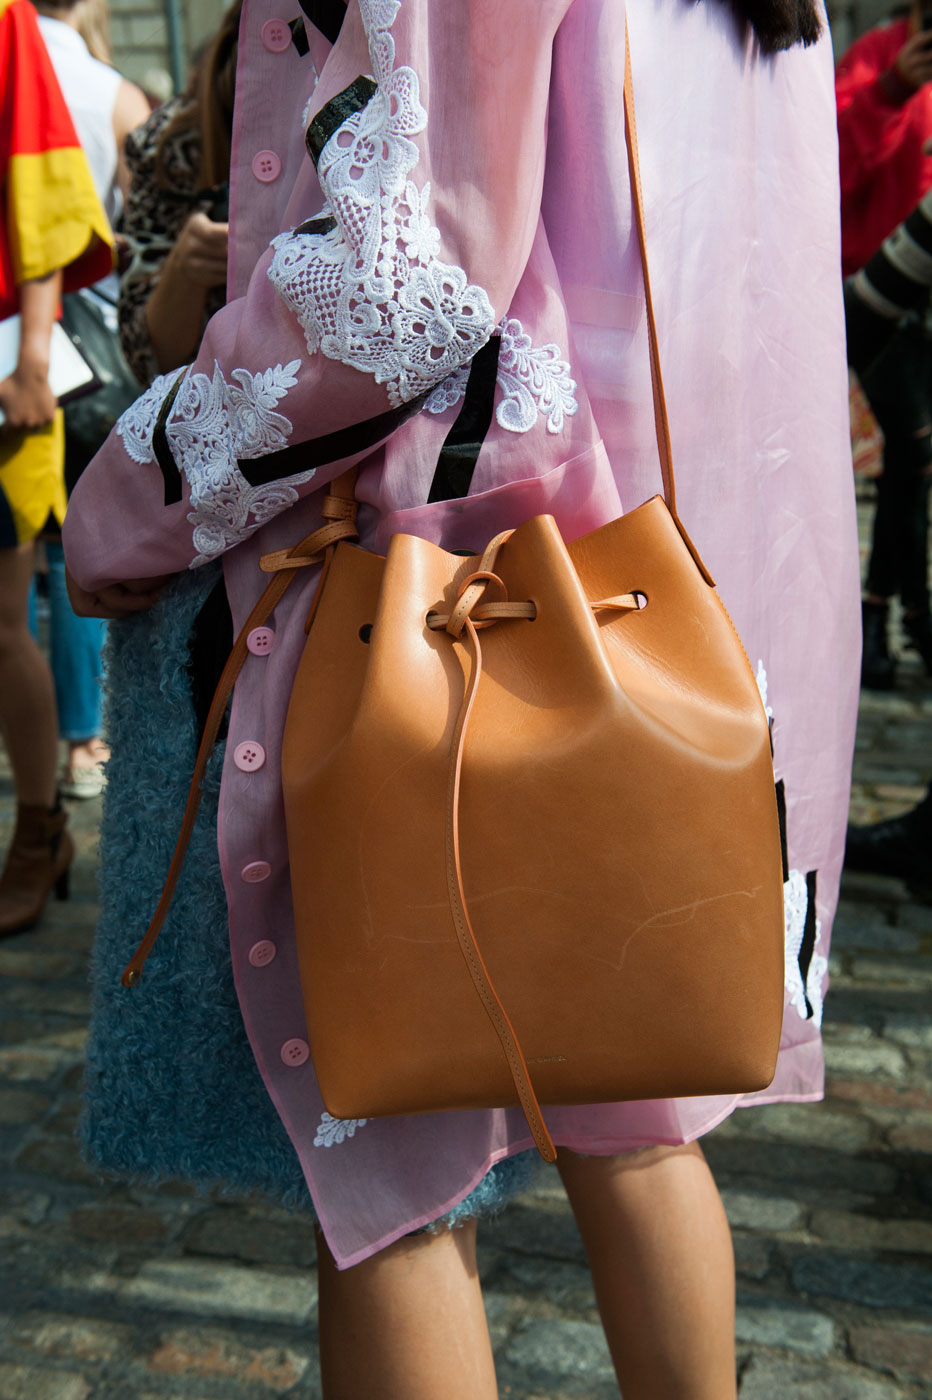 street style trends 2014 mansur gavriel